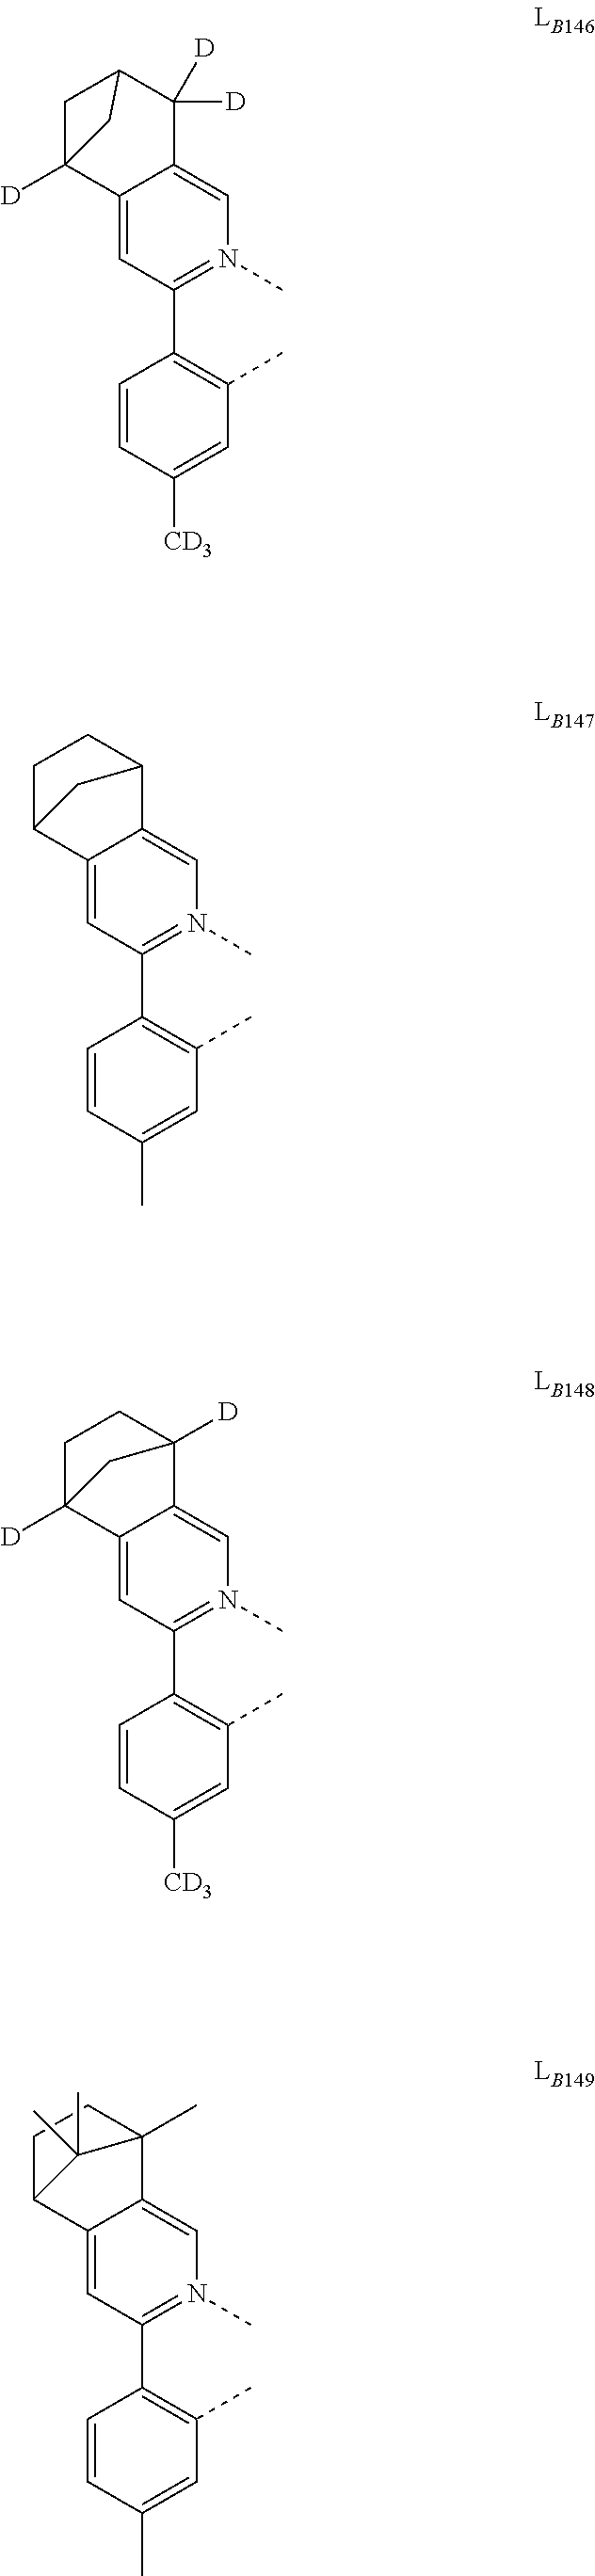 Figure US09929360-20180327-C00068